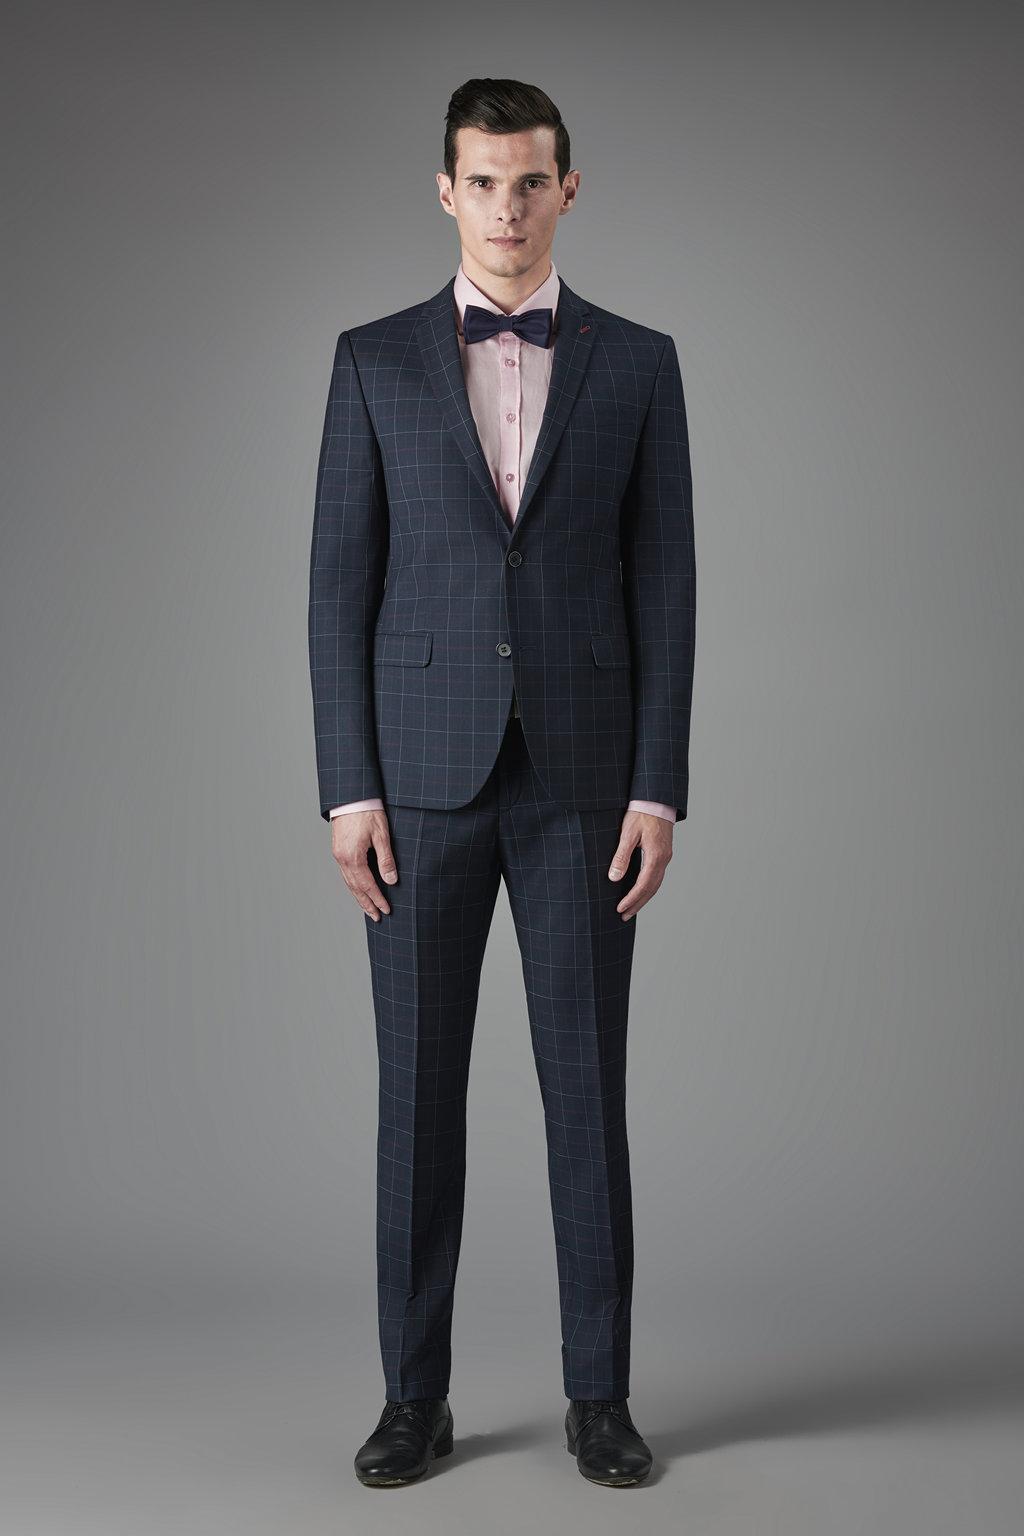 мужской костюм классический 8 ростовка купить